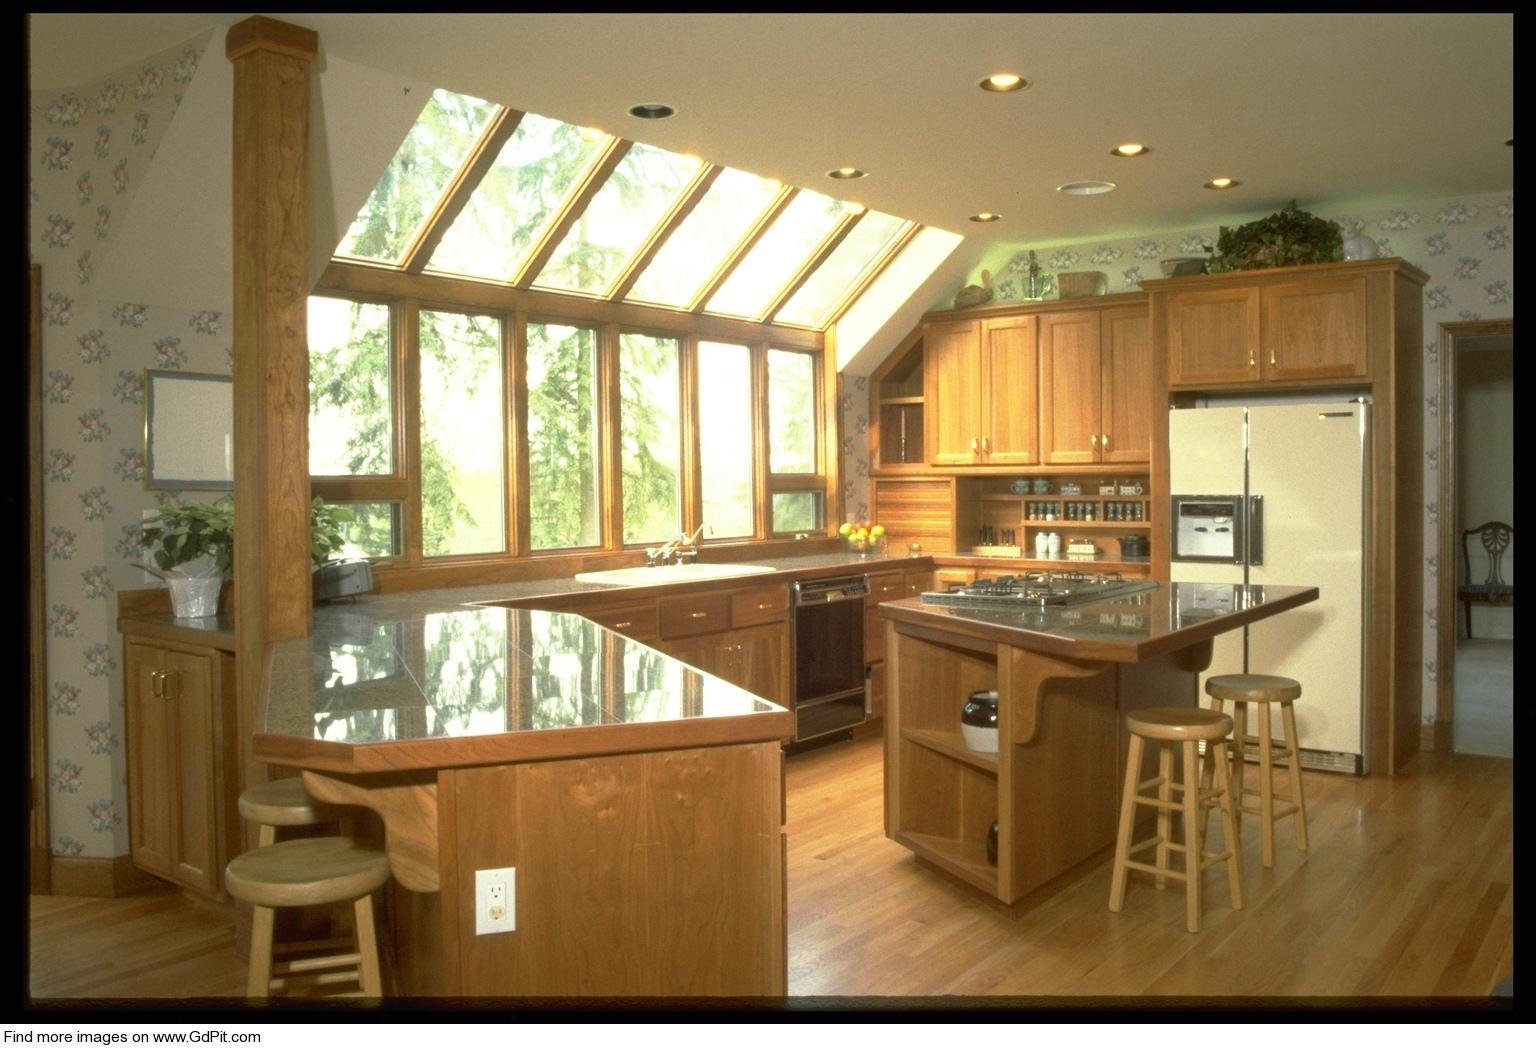 Интерьер и дизайн кухни в доме частном доме